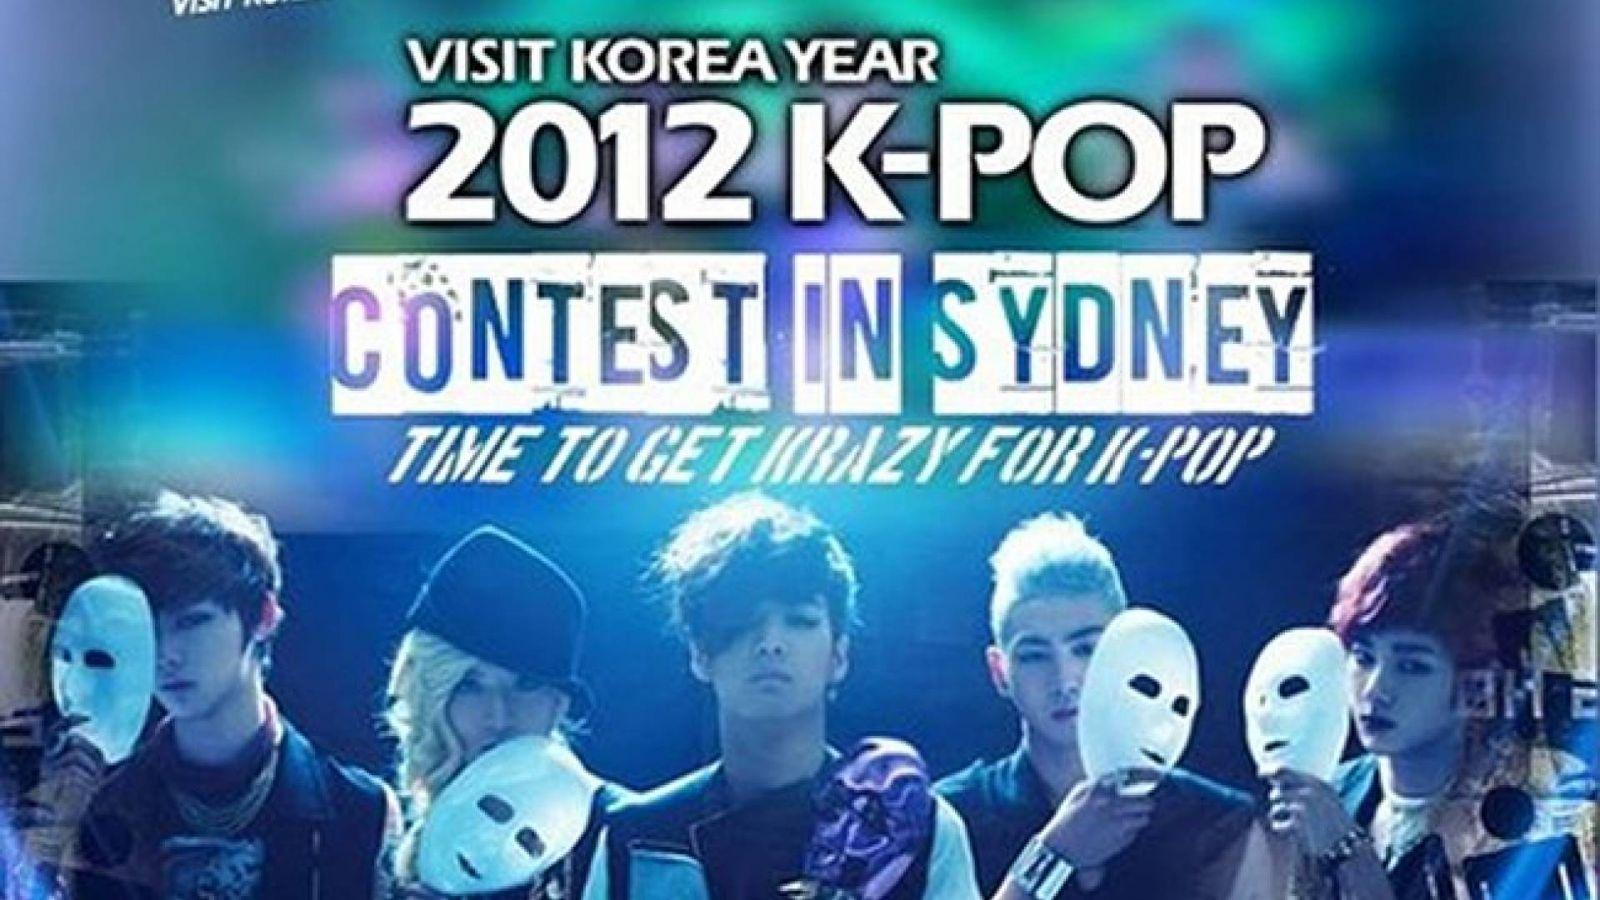 NU'EST to Judge K-pop Contest in Sydney © Visit KOREA Committee